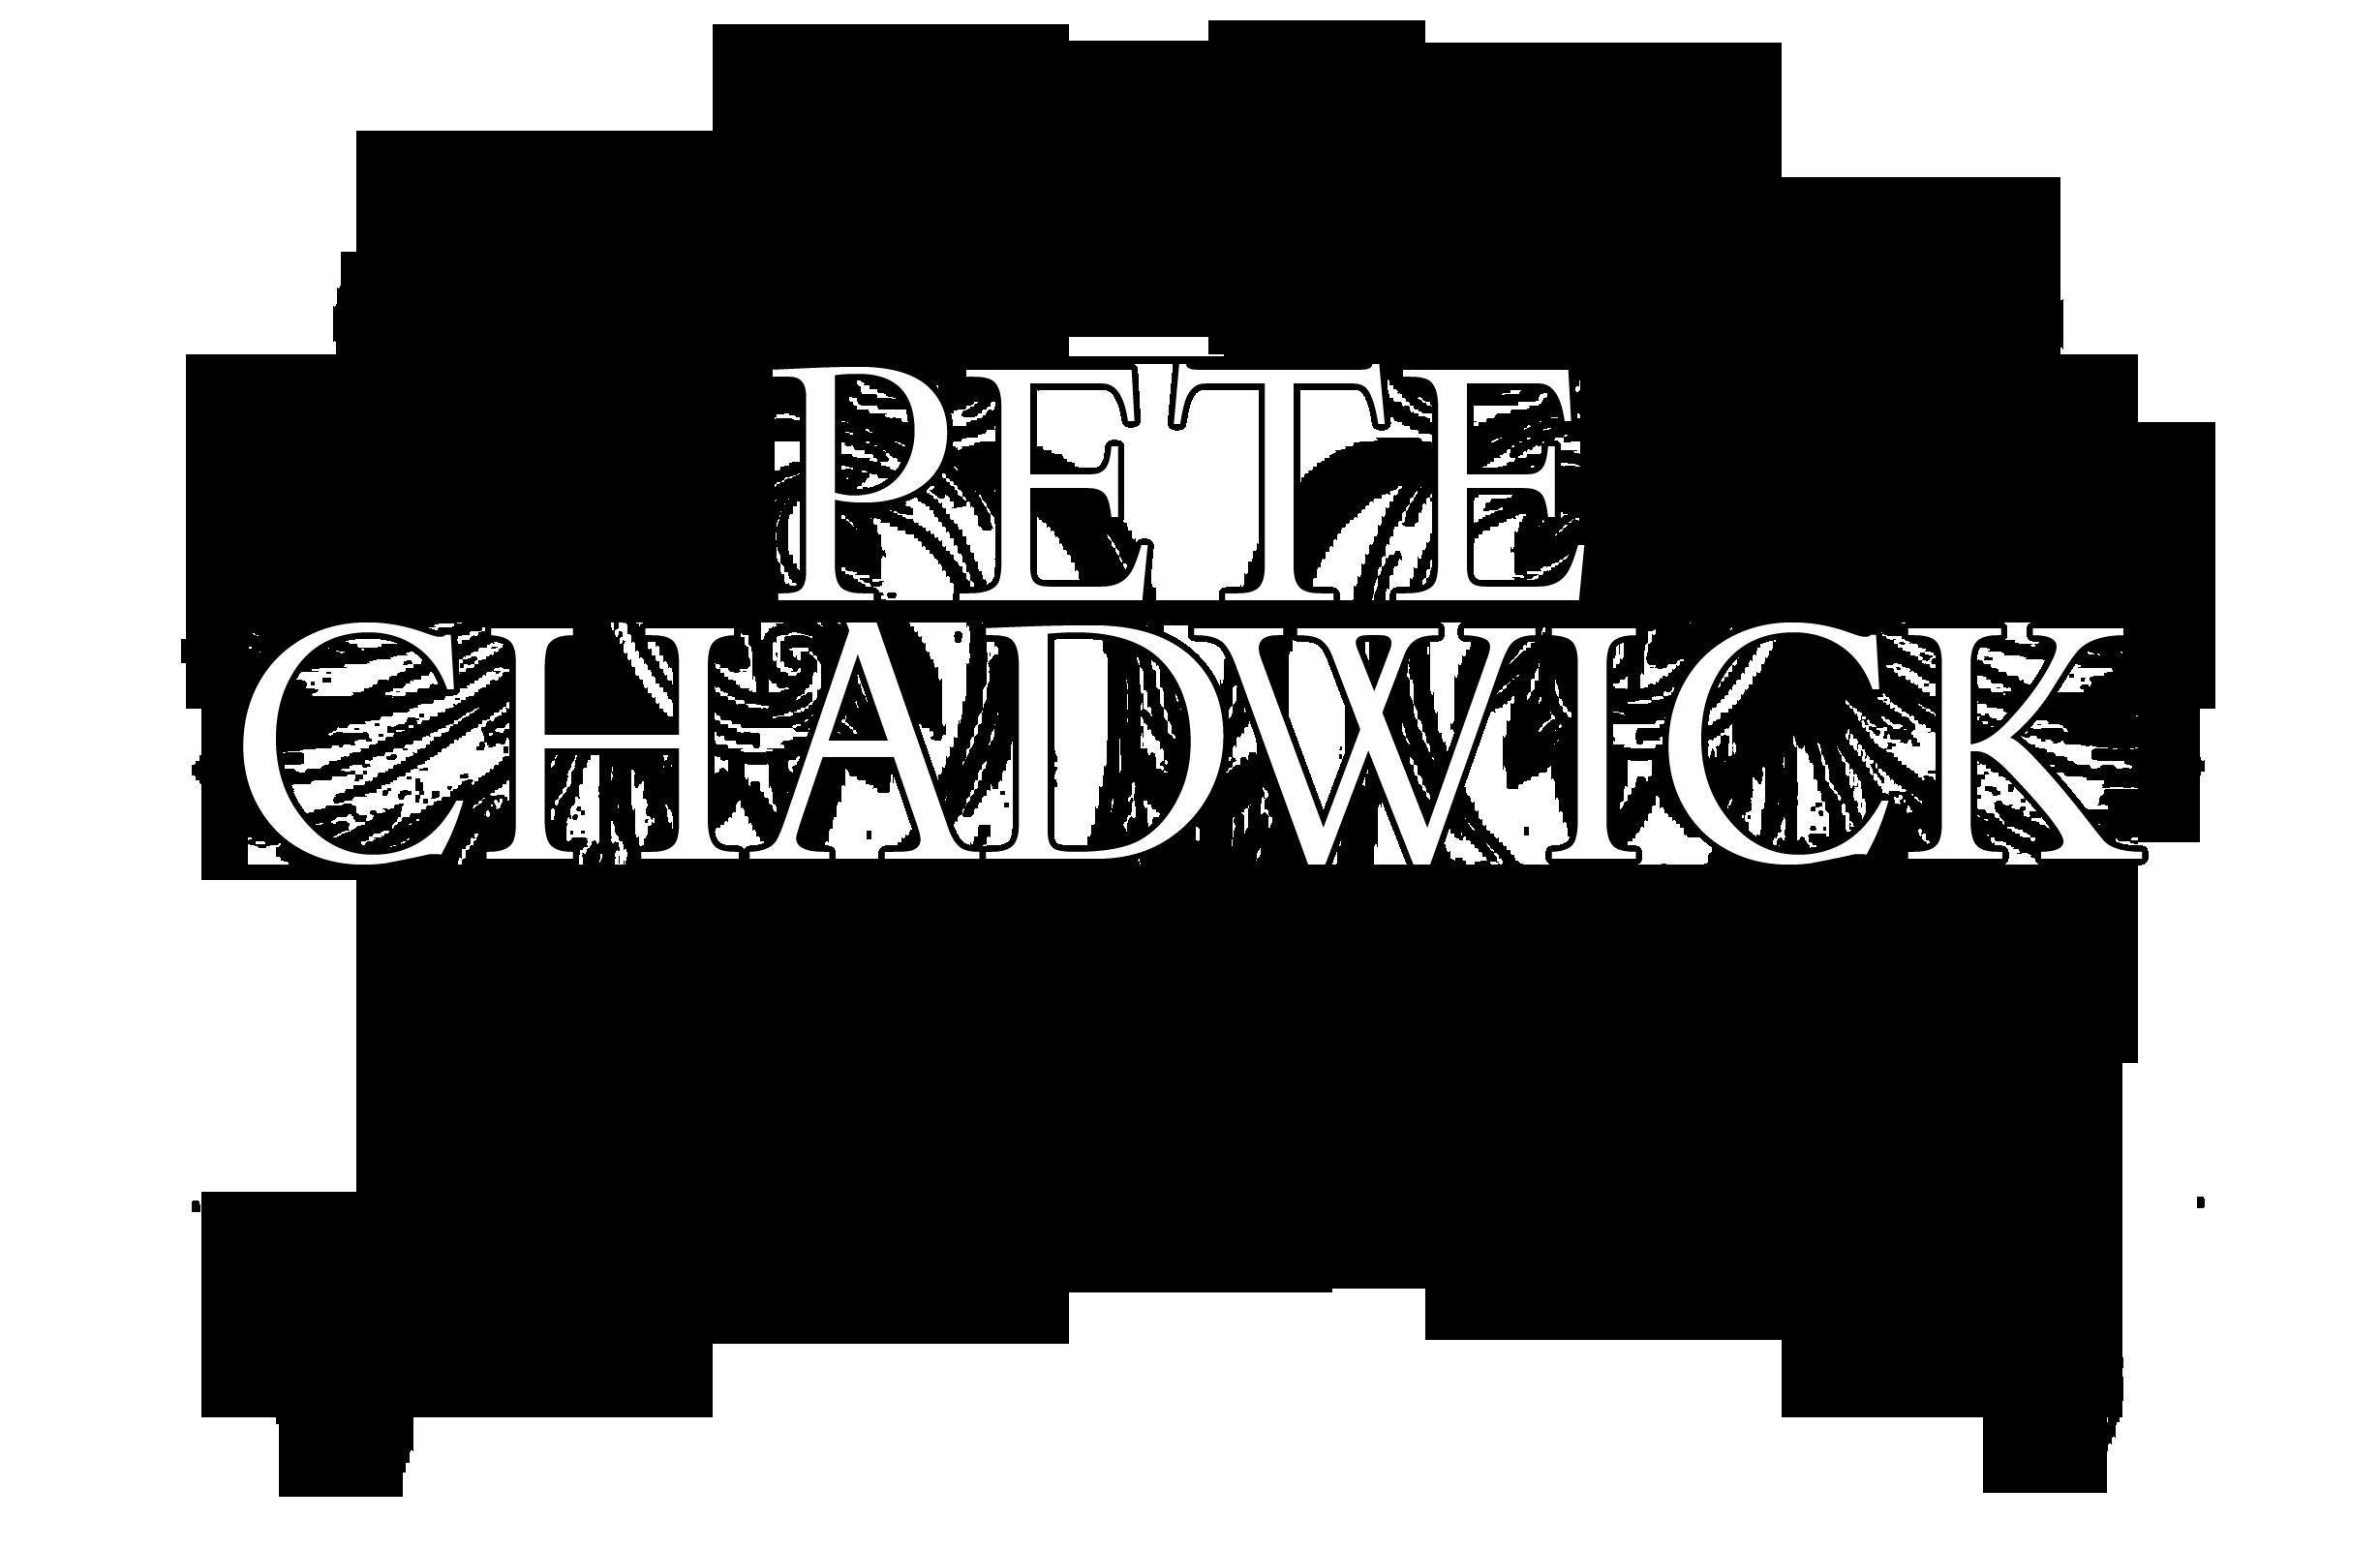 Pete Chadwick